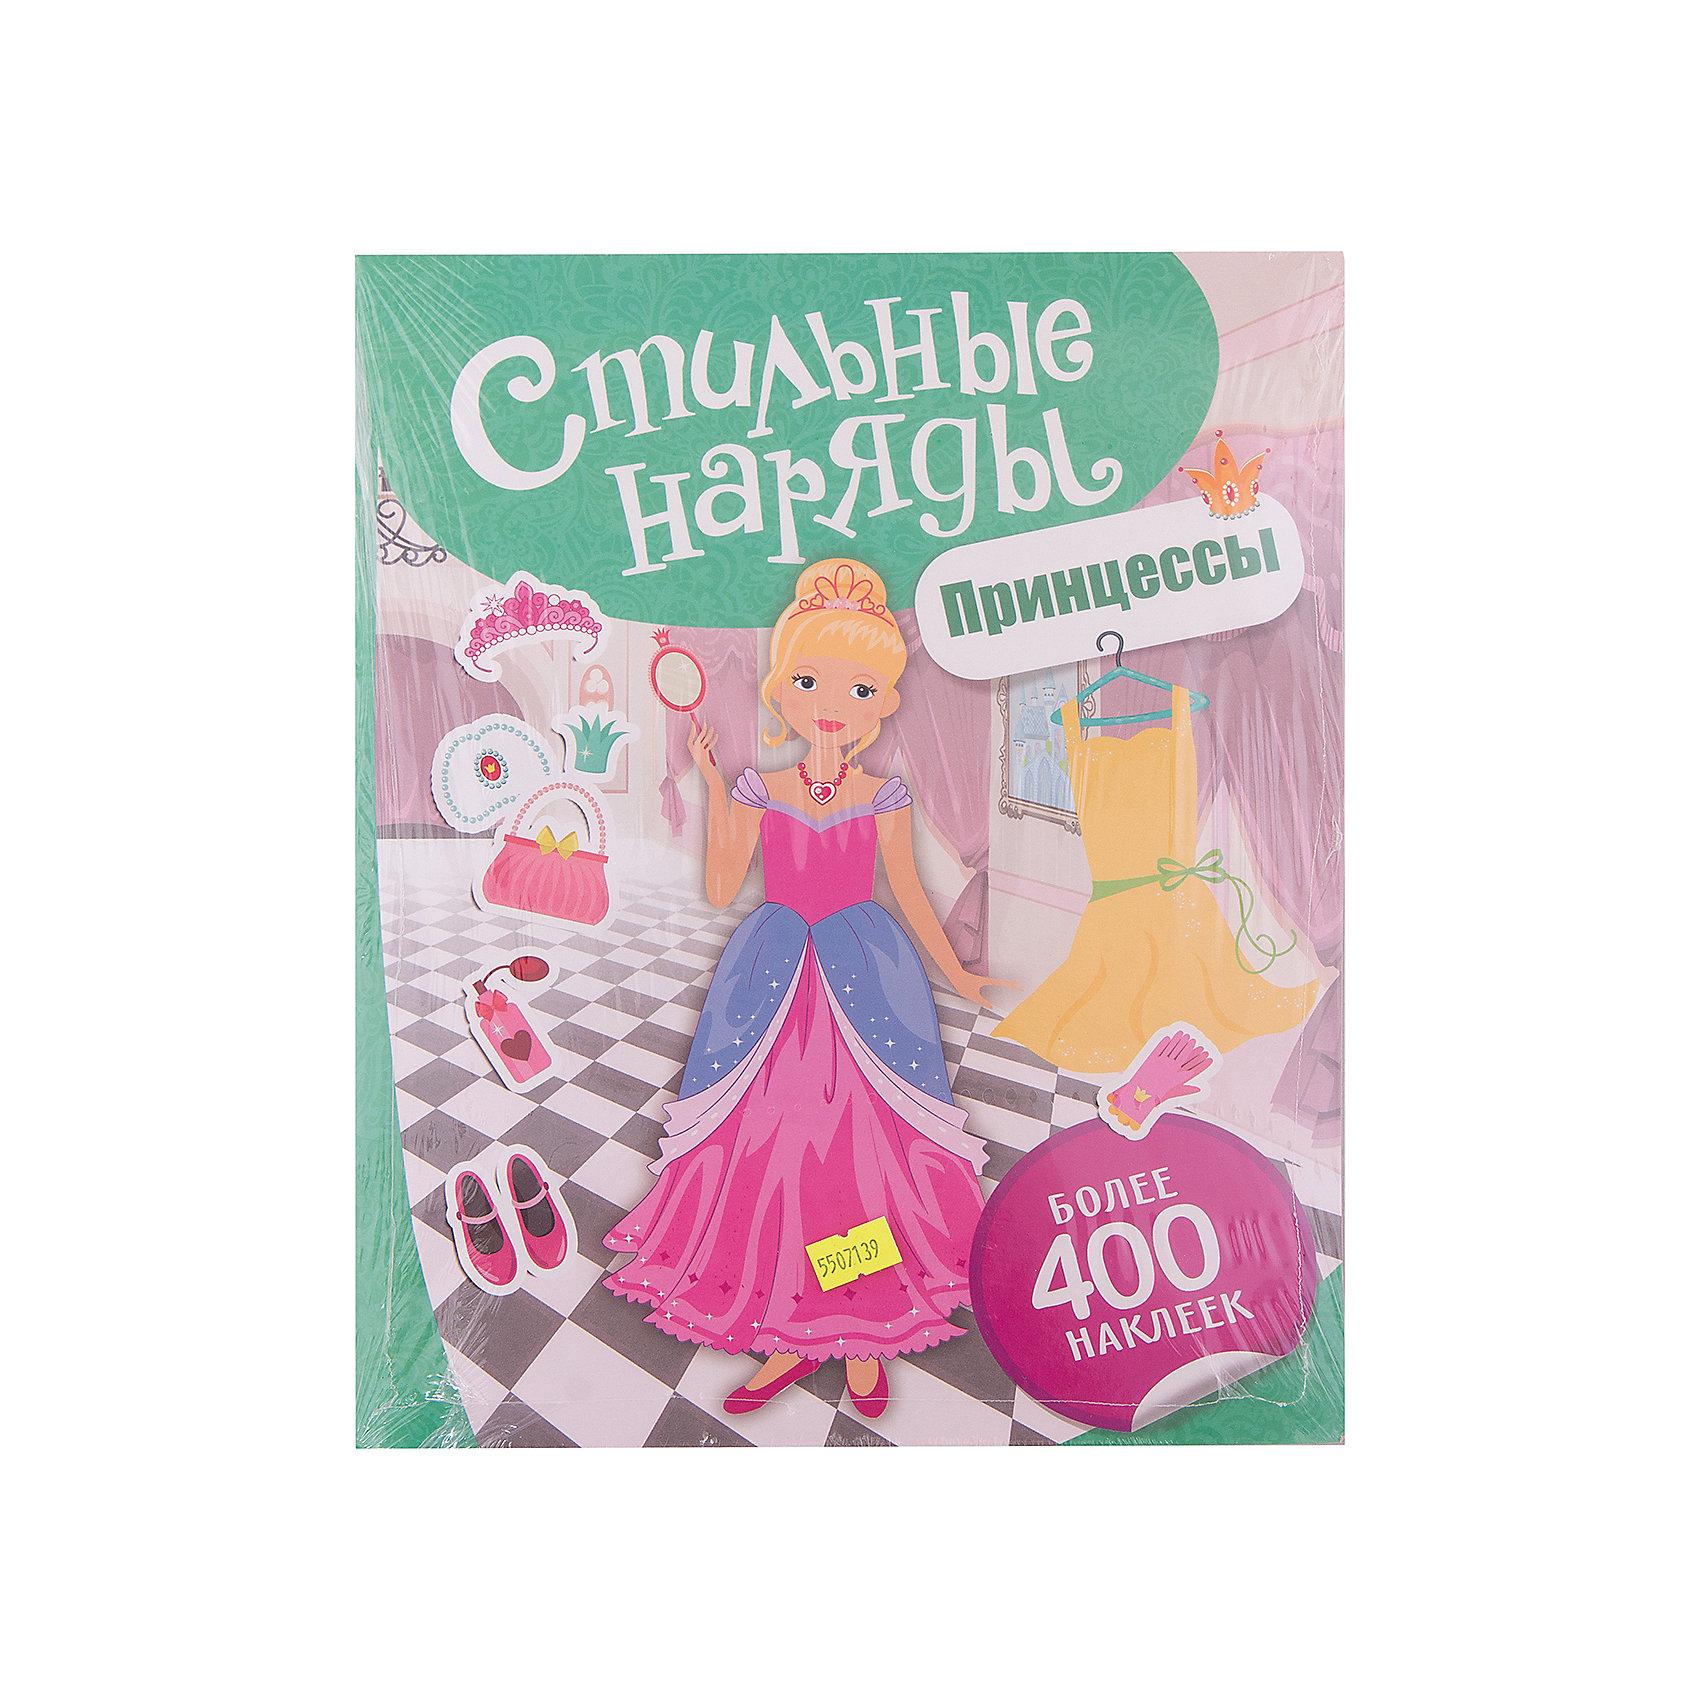 Наклейки Стильные наряды: принцессыКнижки с наклейками<br>Наклейки Стильные наряды. Принцессы<br><br>Характеристики:<br><br>• ISBN: 9785353079927<br>• Количество наклеек: большее 400<br>• В комплекте: альбом с наклейками<br><br>В этой книге содержится более 400 наклеек с разными модными аксессуарами и одеждой! Играя с этой книгой, ваш ребенок сможет ощутить себя настоящим дизайнером, составляя модные образы и сочетая различные элементы нарядов между собой. Игра с наклейками способствует развитию мелкой моторики у детей, а яркие и красочные изображения надолго увлекут игрой.<br><br>Наклейки Стильные наряды. Принцессы можно купить в нашем интернет-магазине.<br><br>Ширина мм: 295<br>Глубина мм: 240<br>Высота мм: 30<br>Вес г: 218<br>Возраст от месяцев: 60<br>Возраст до месяцев: 2147483647<br>Пол: Женский<br>Возраст: Детский<br>SKU: 5507139